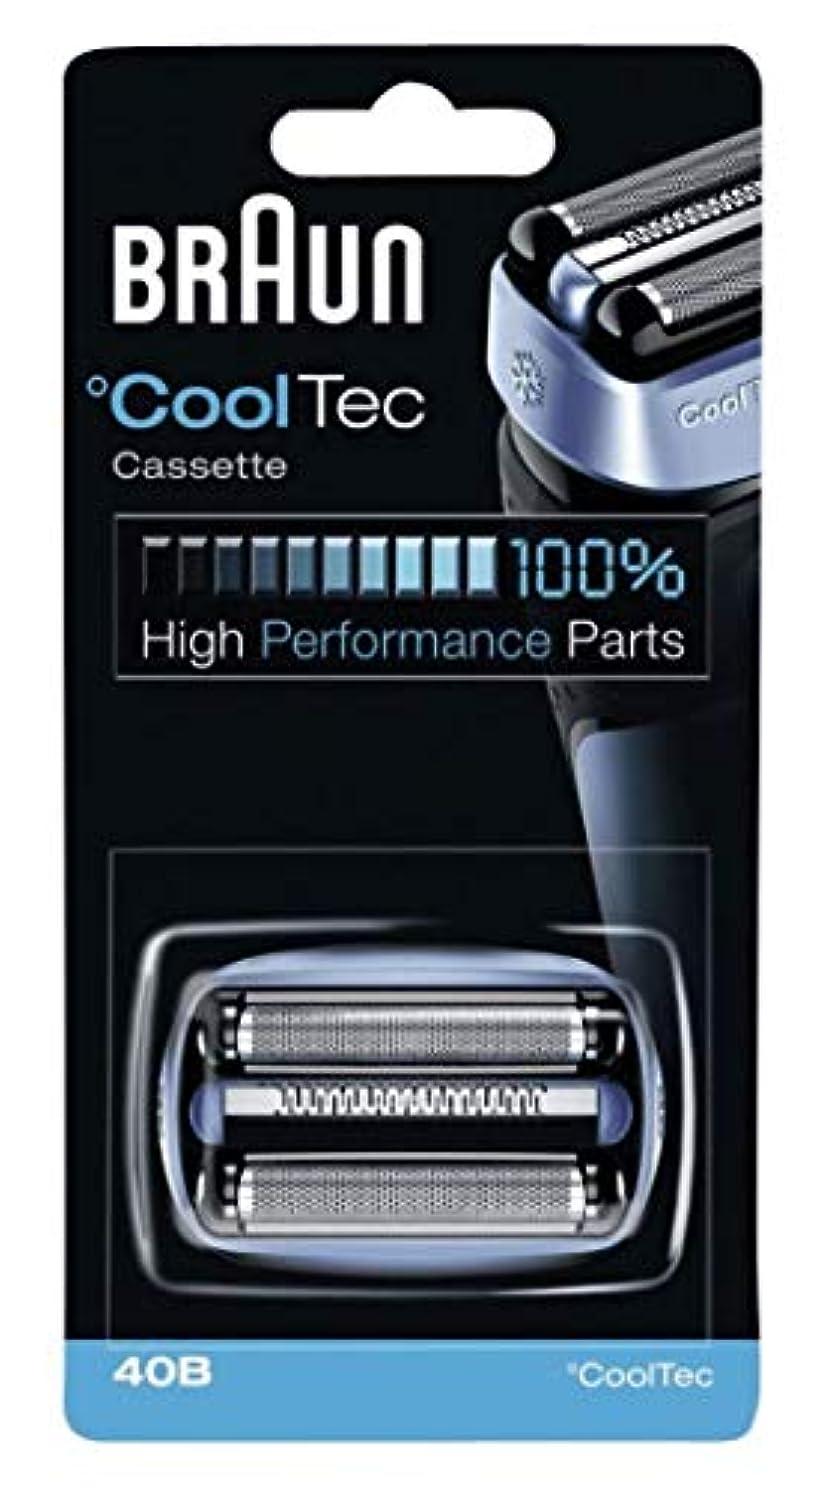 しつけ沼地ミュートブラウン シェーバー Cool Tec(クールテック)用 網刃?内刃一体型カセット F/C40B 【並行輸入品】